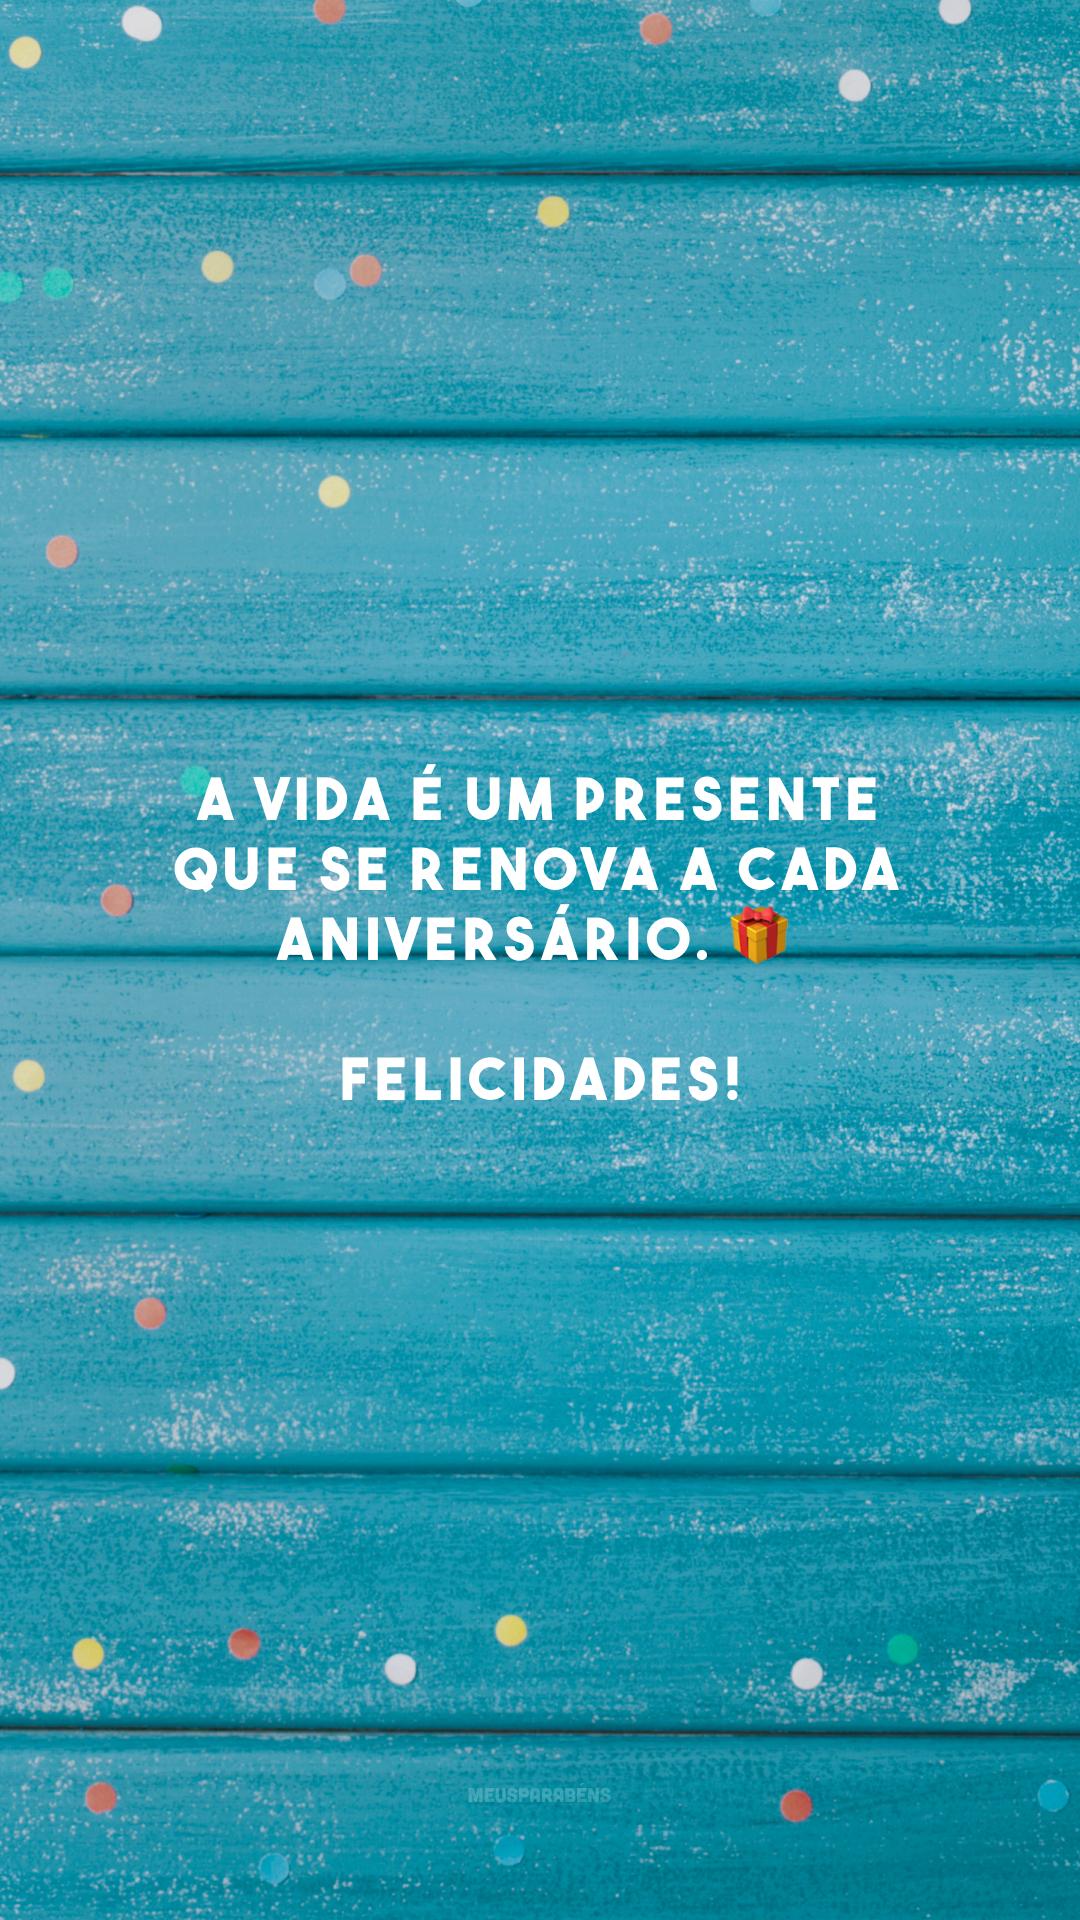 A vida é um presente que se renova a cada aniversário. 🎁 Felicidades!